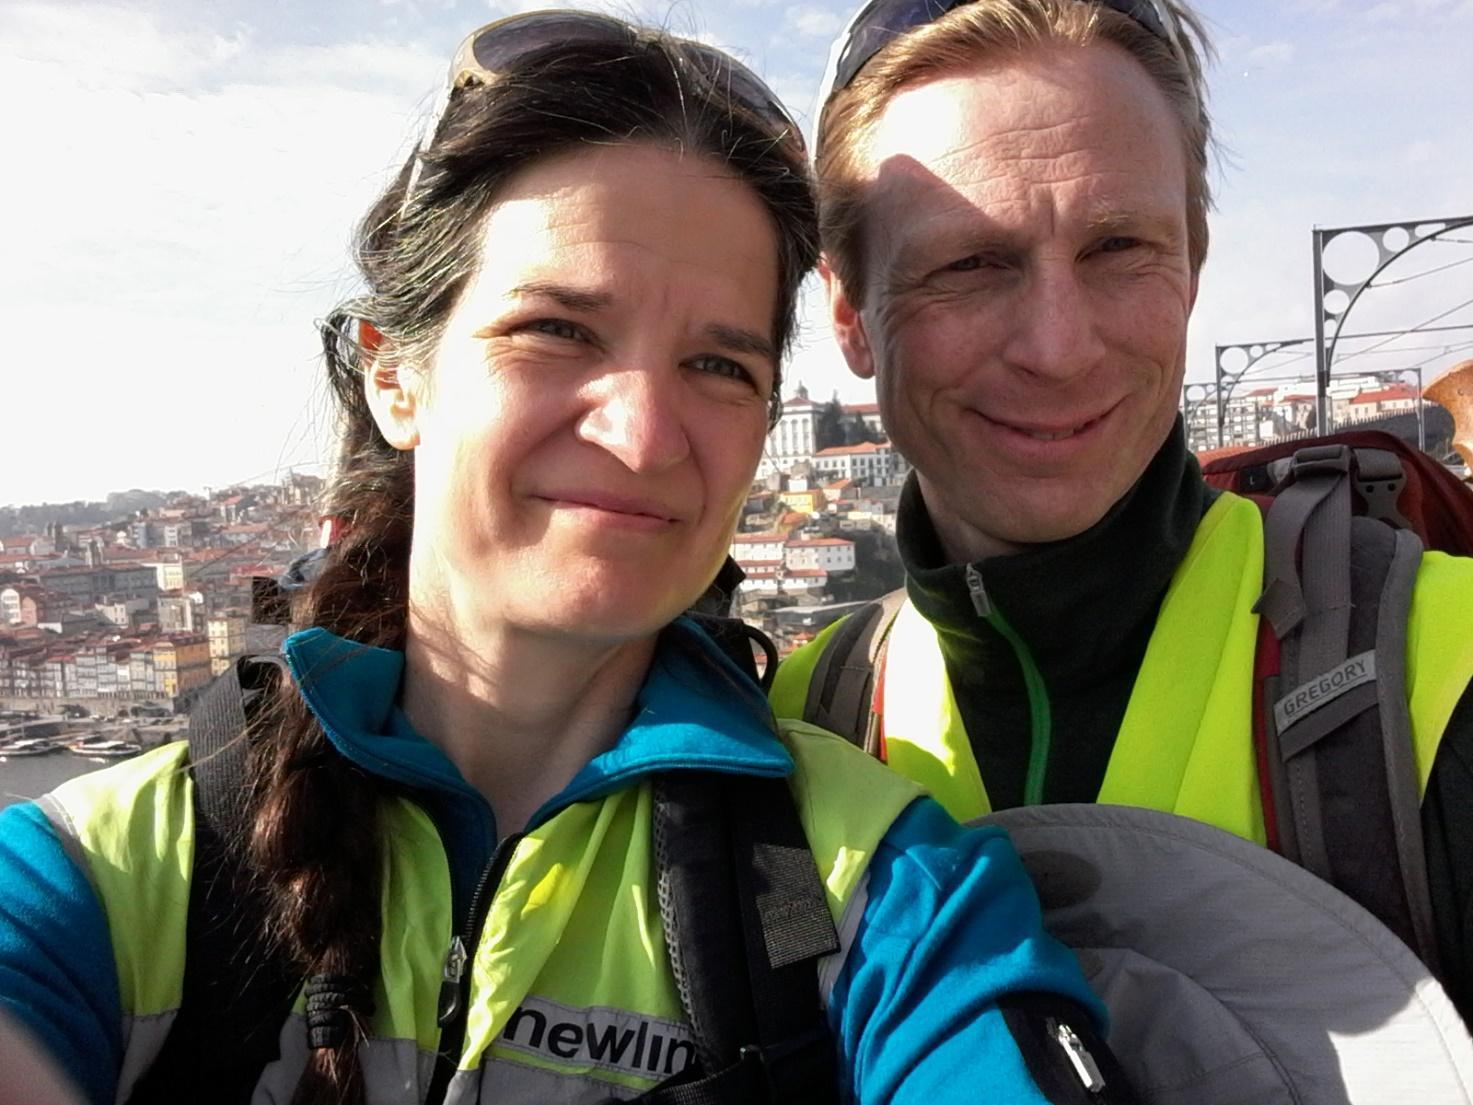 Image of   Aftenforedrag: Camino Talks med Rikke & Christian fra Wewalk d. 22.4.20